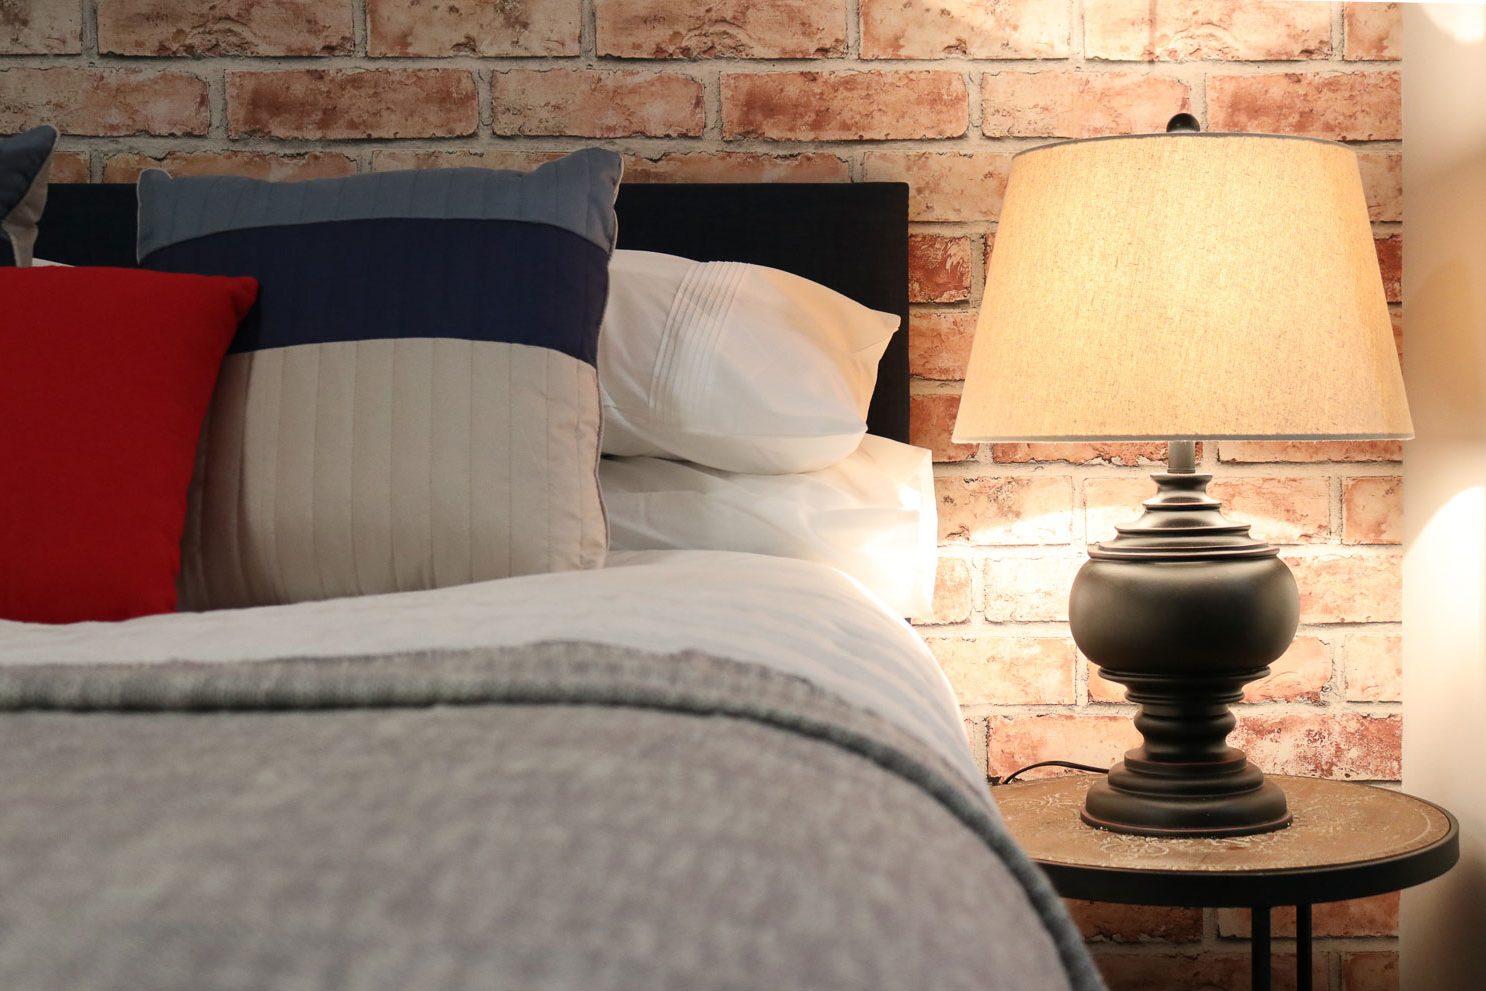 Liverpool interior designer, Natalie Holden Interiors, Airbnb design, visit Liverpool, airbnbs in Liverpool, Airbnb interior design